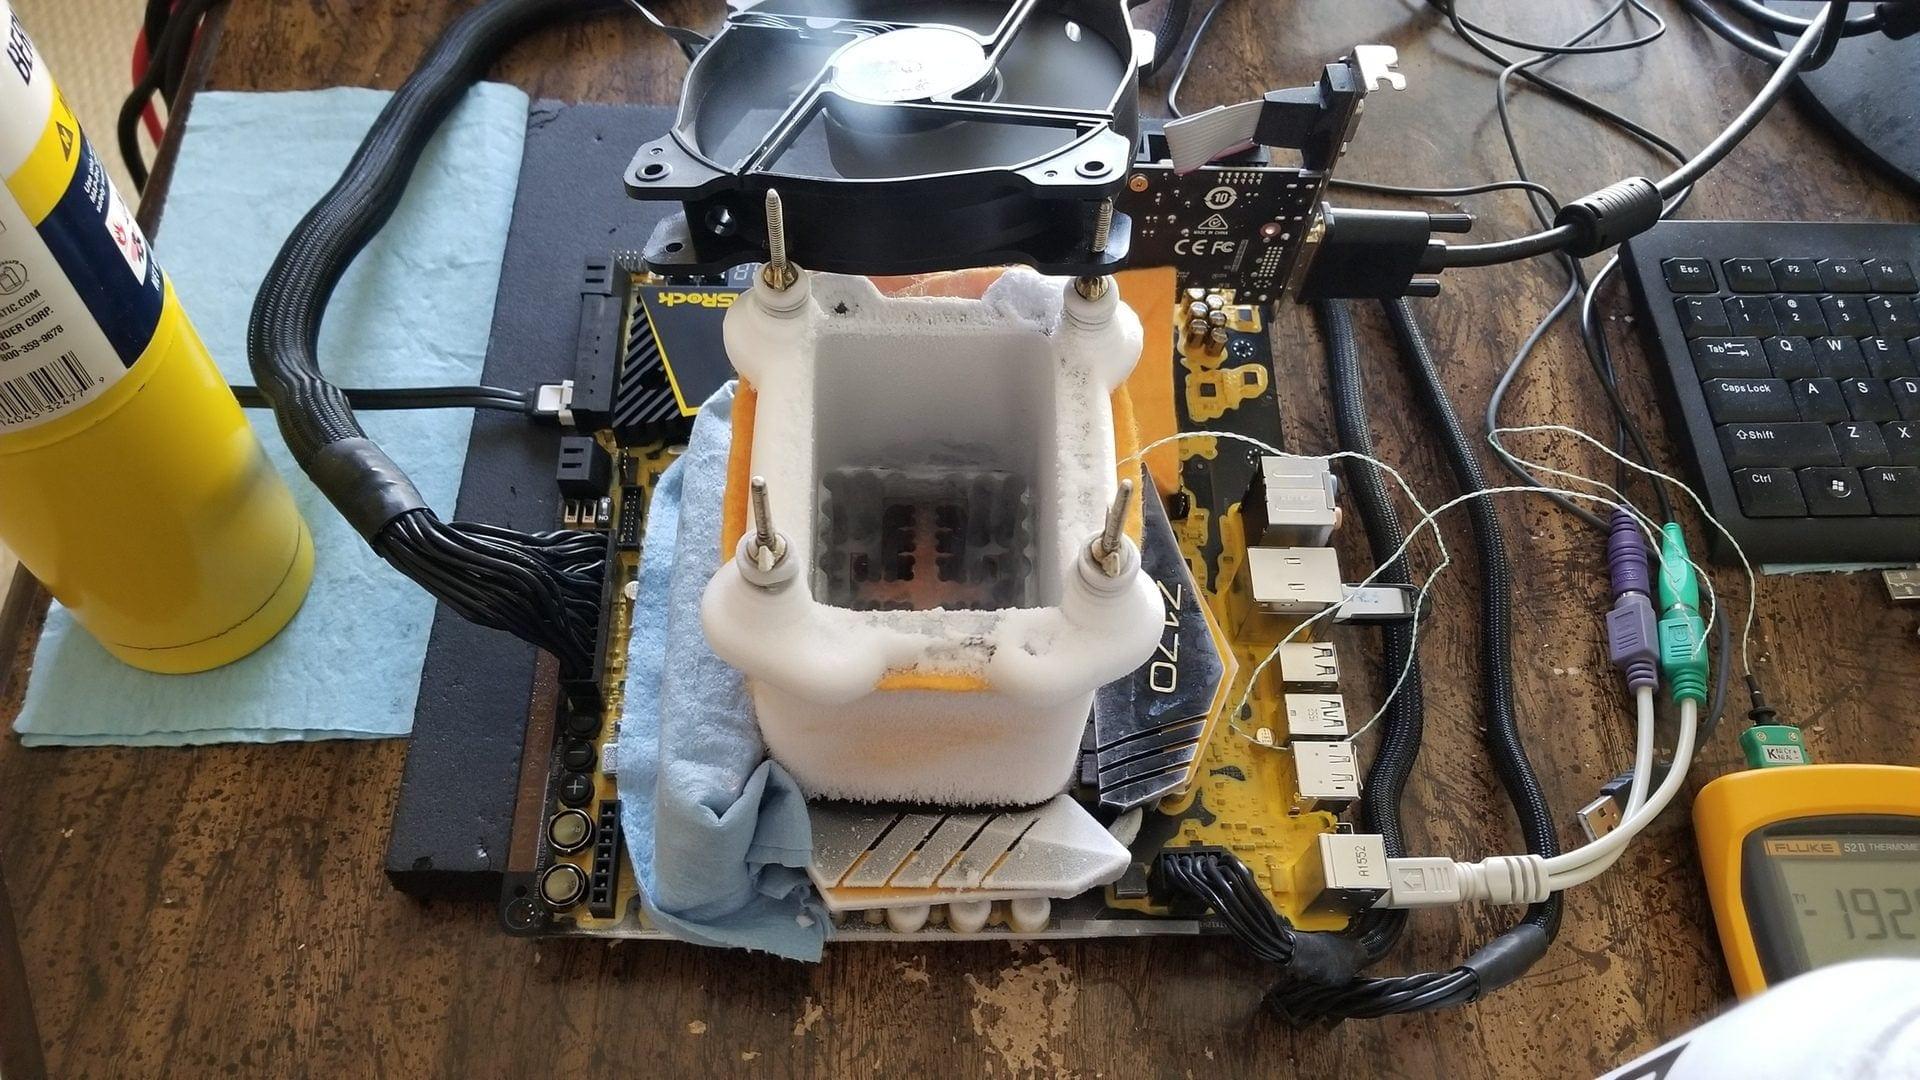 Core i3 7350K на частоте 6783МГц: bigblock990 взял золото модельного зачета в Cinebench R15